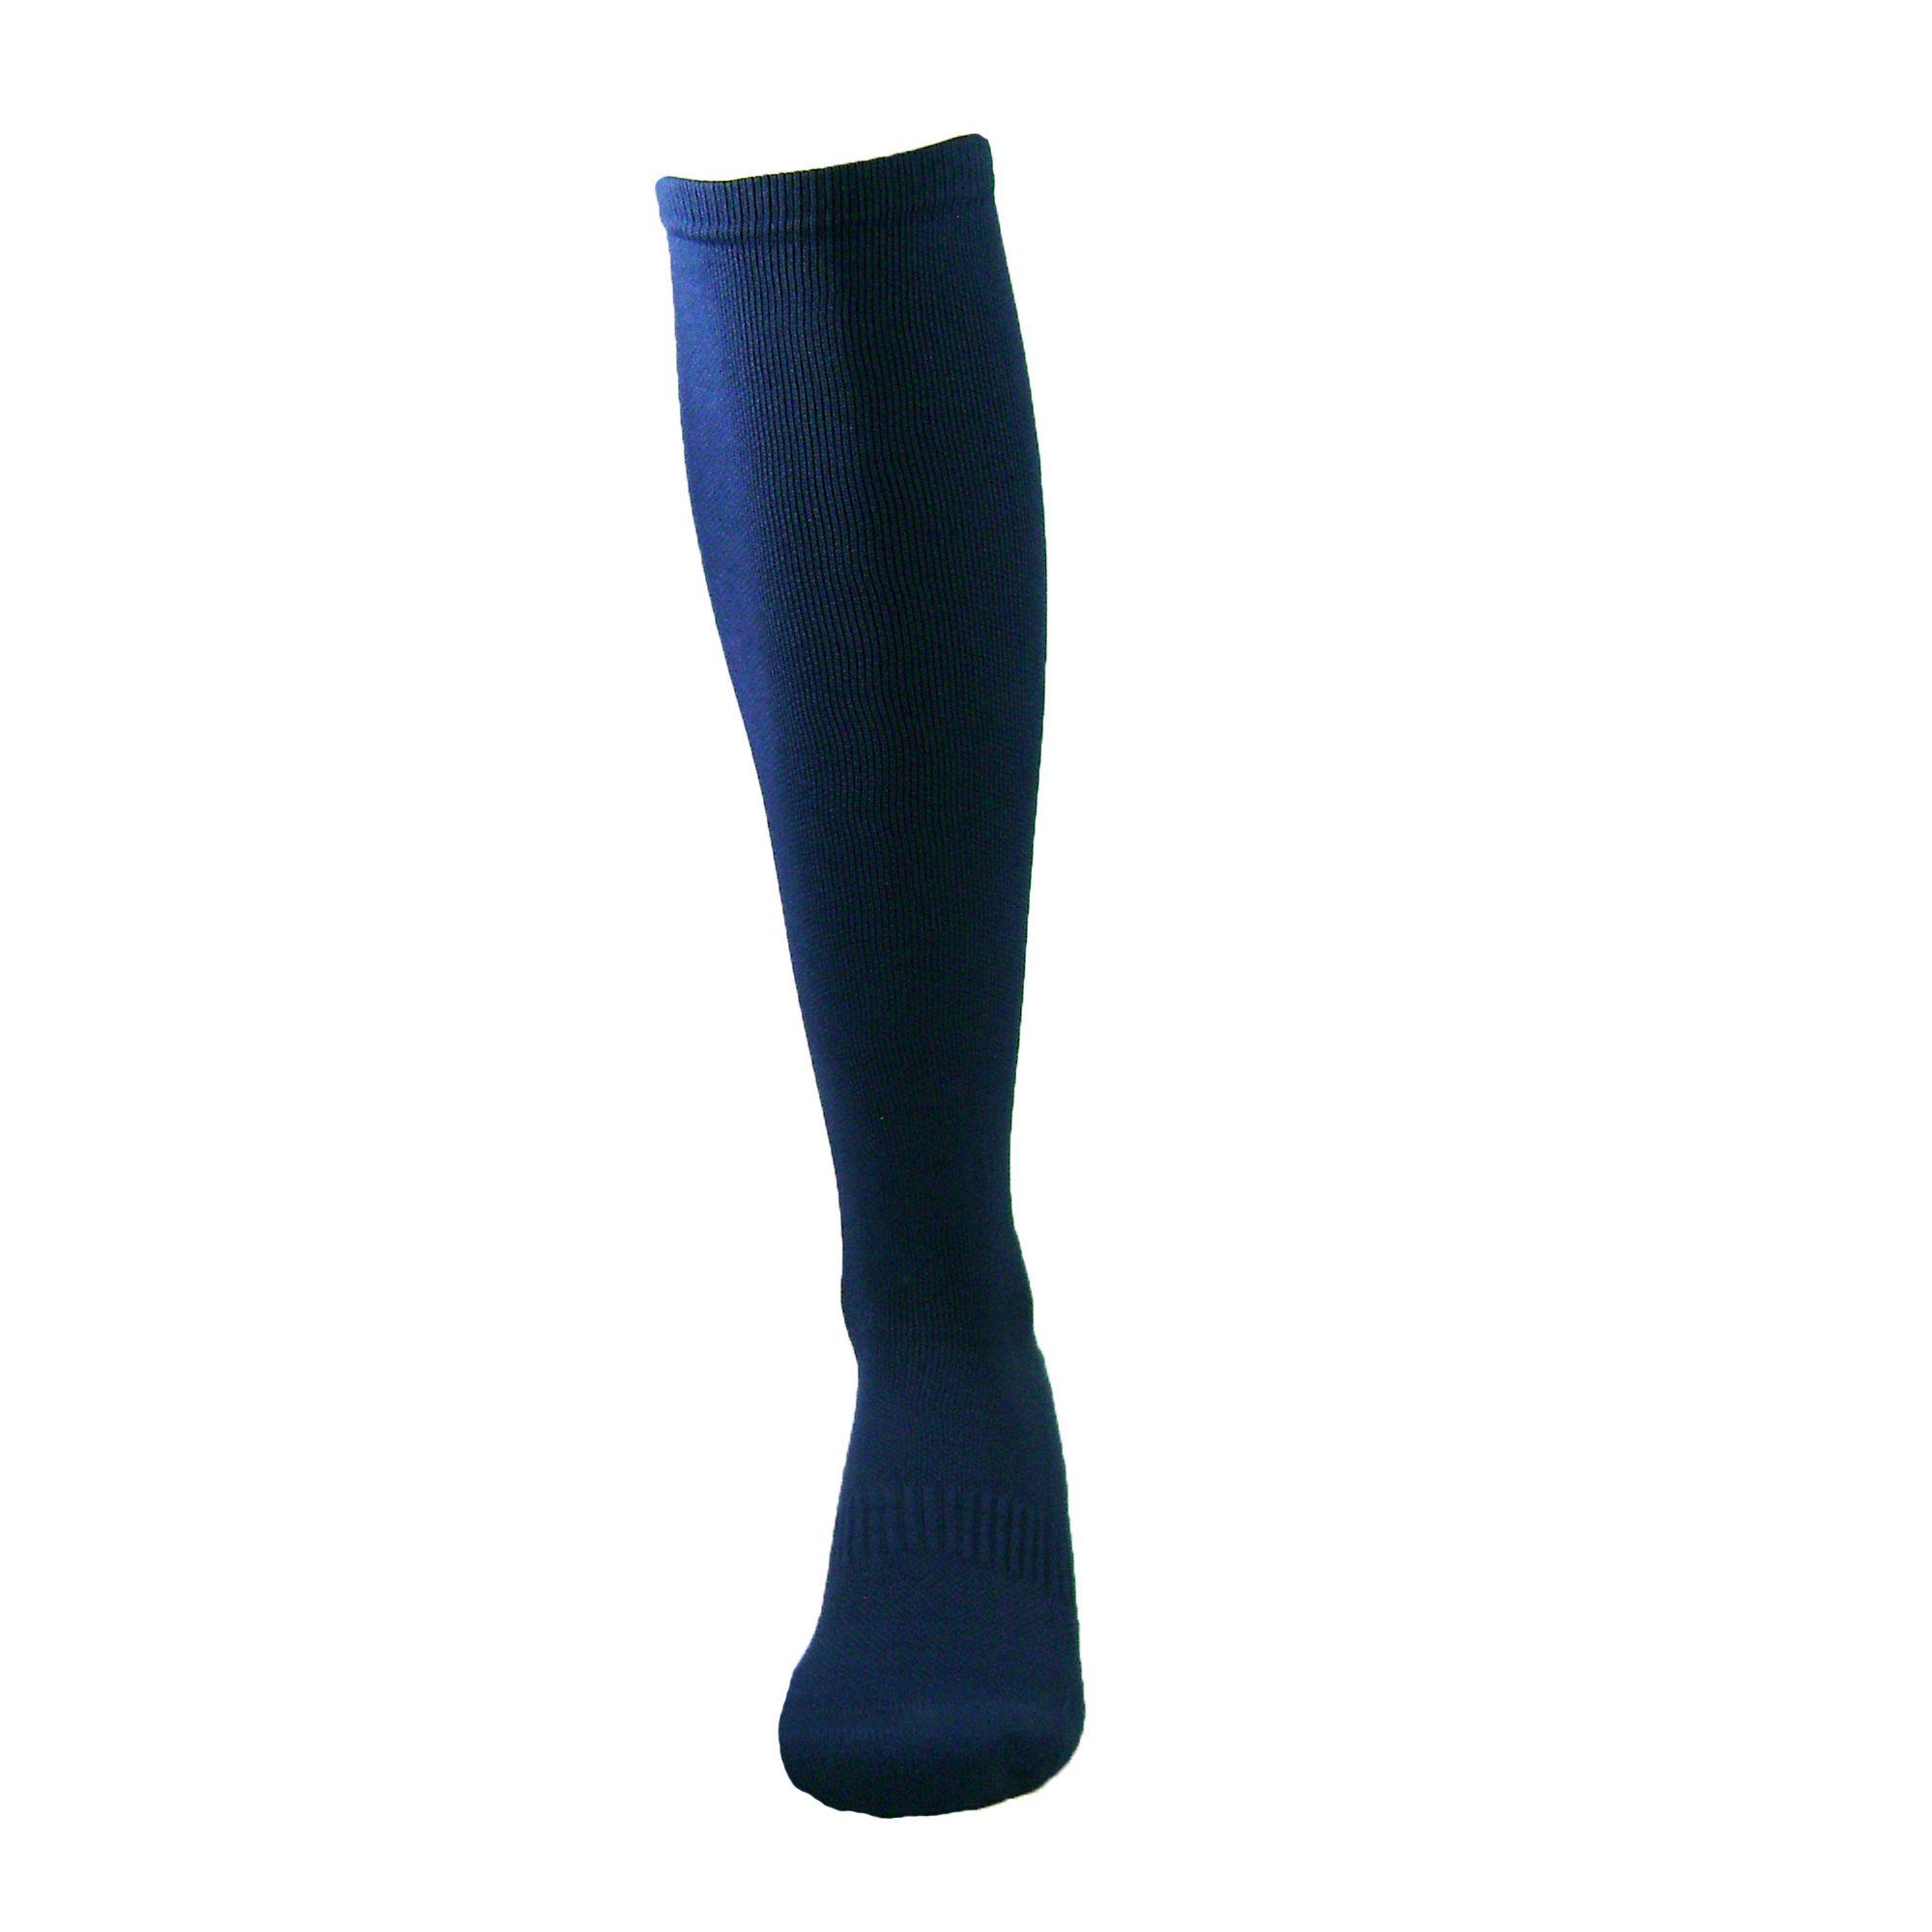 Meião de compressão anatômica  - Lisa Azul Marinho